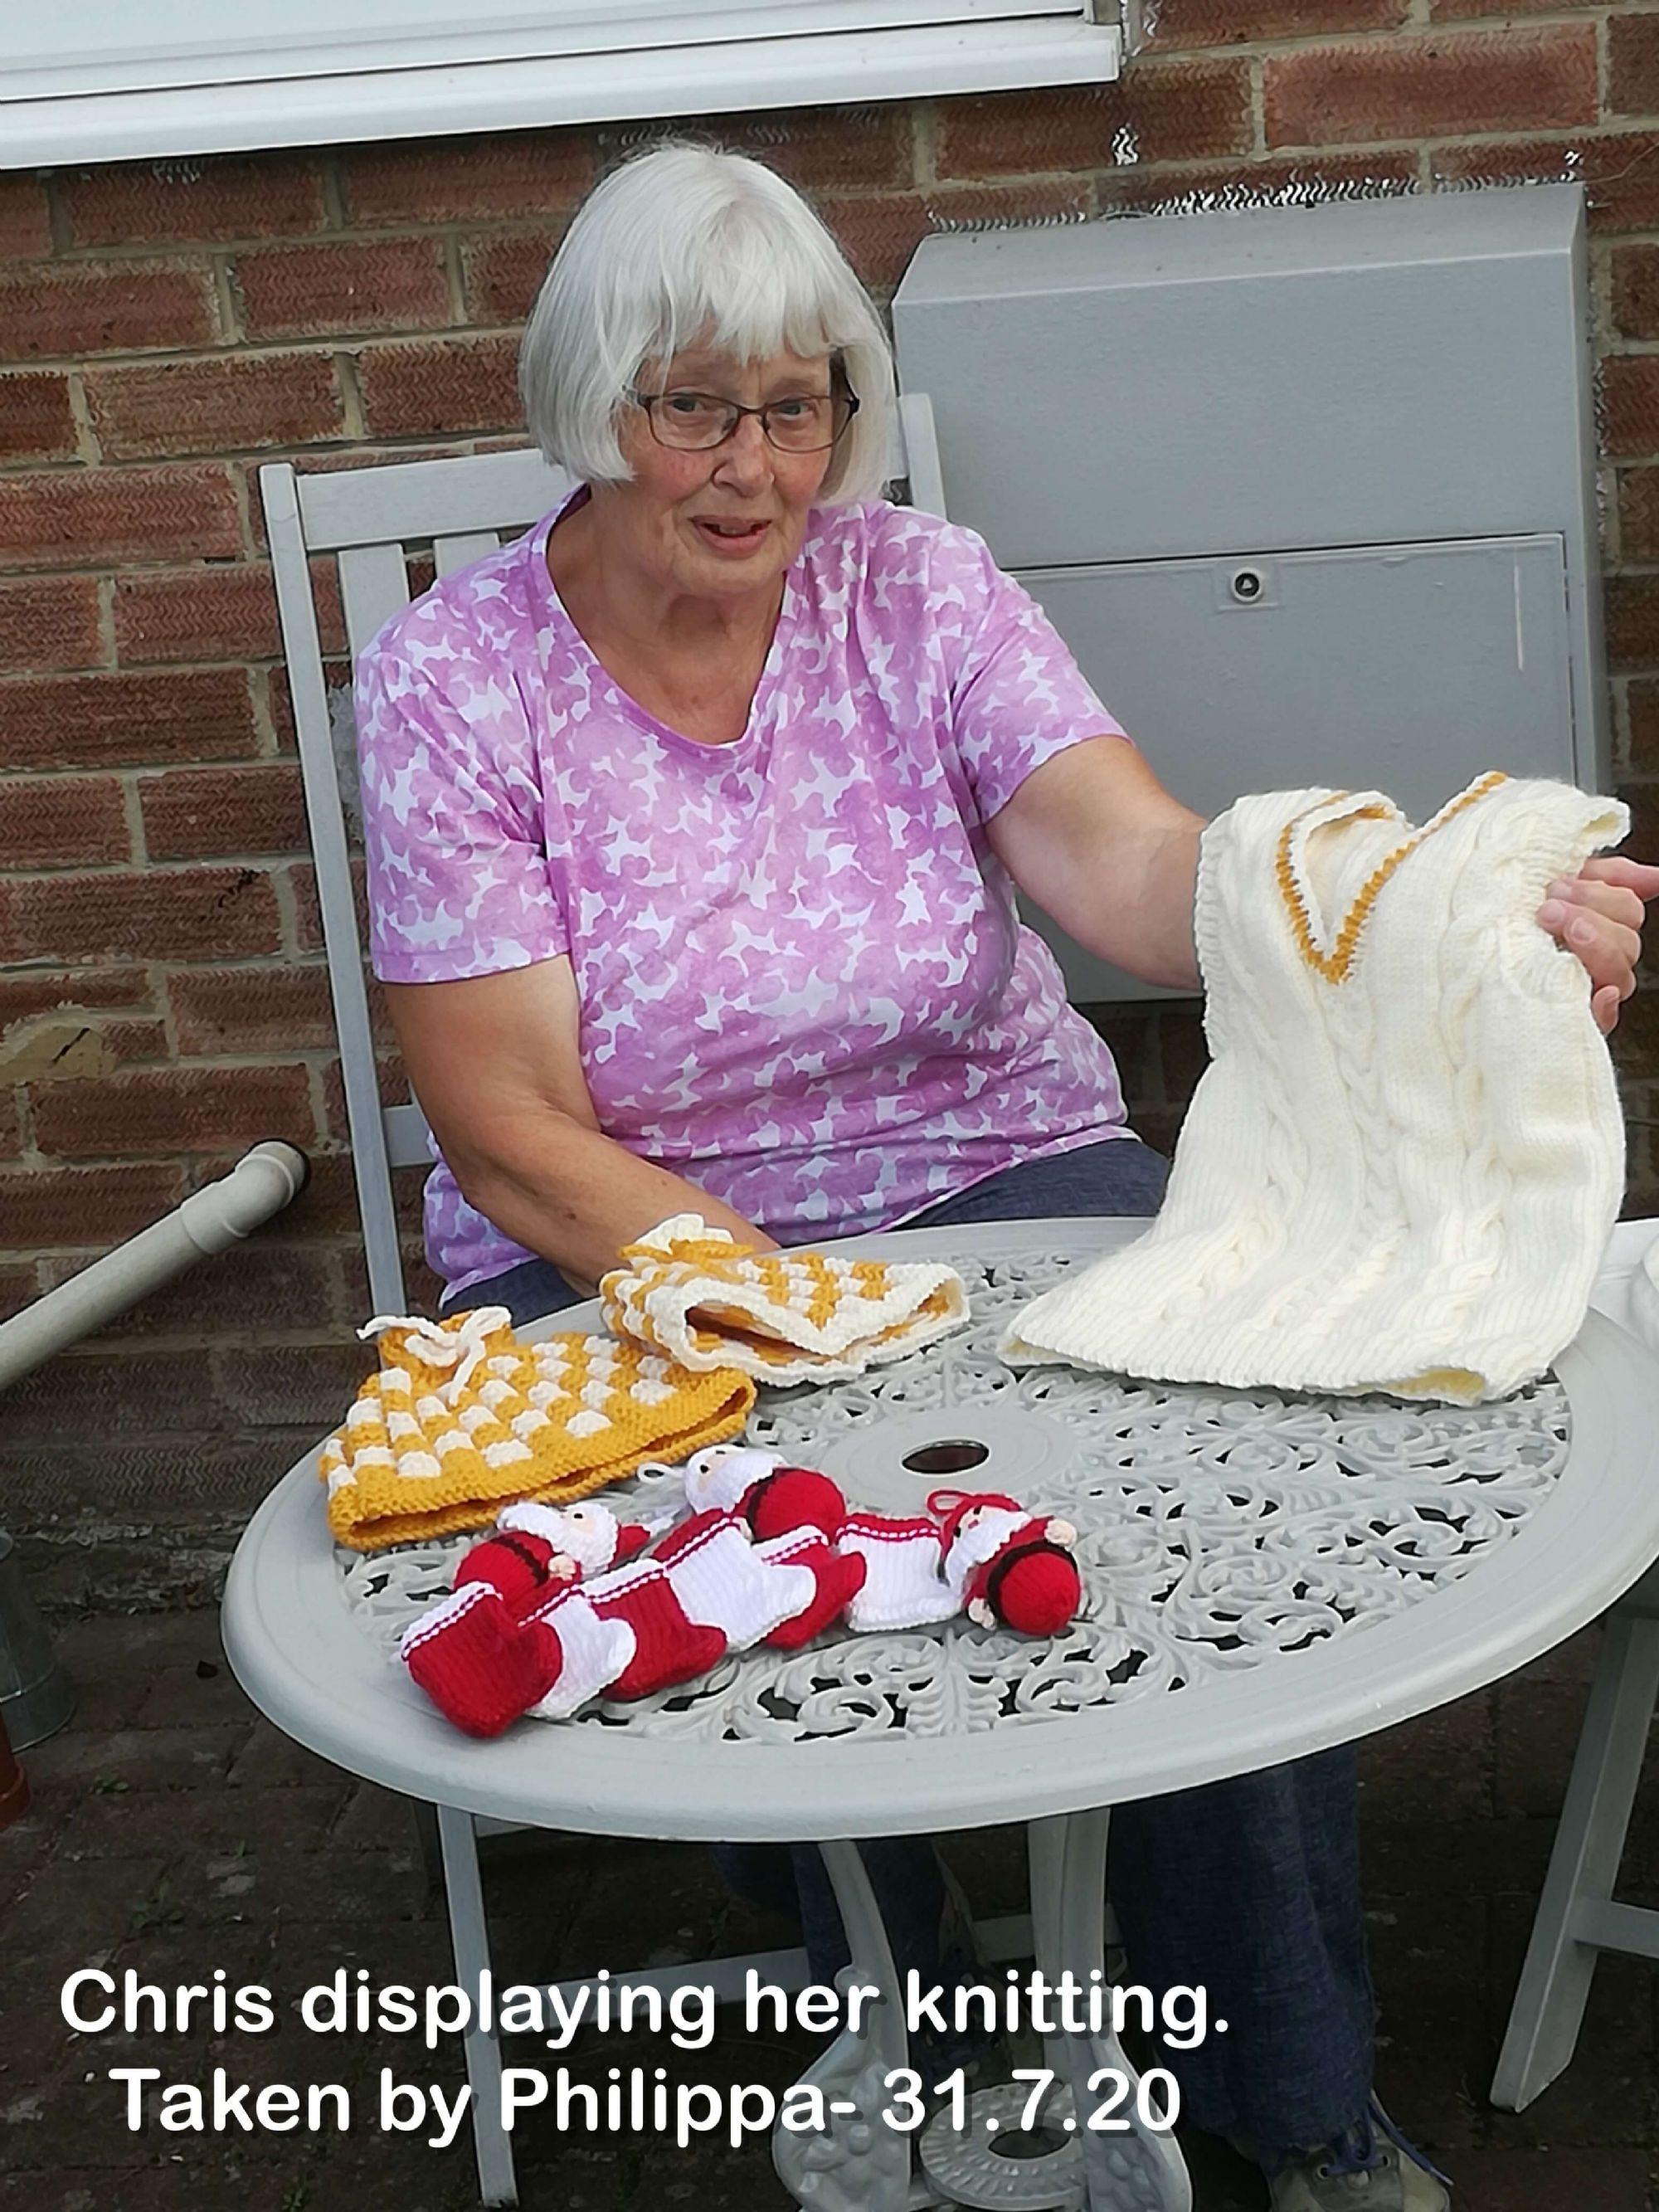 Chris displaying her knitting.